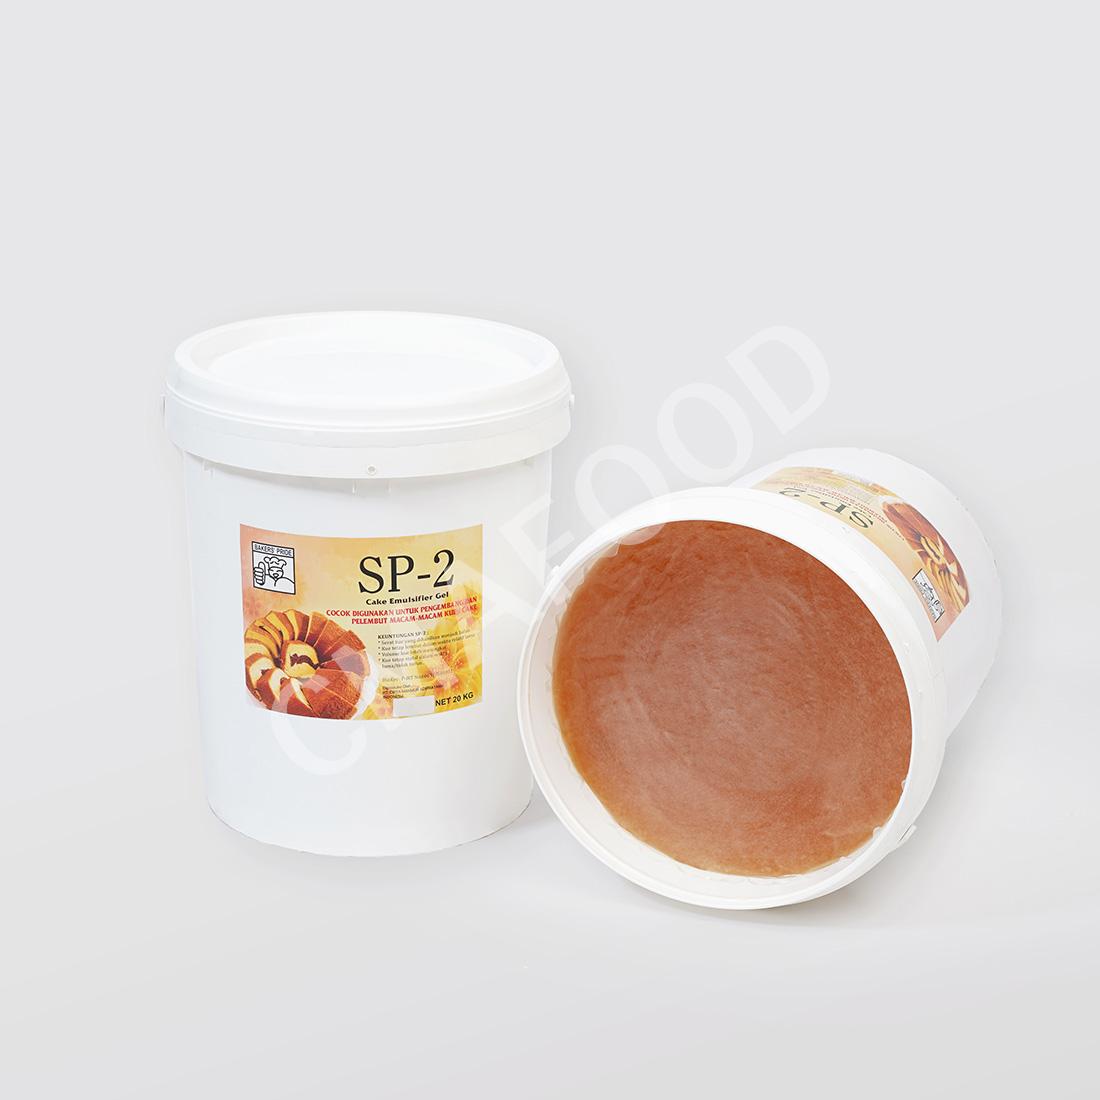 SP Cake Emulsifier Photo 0